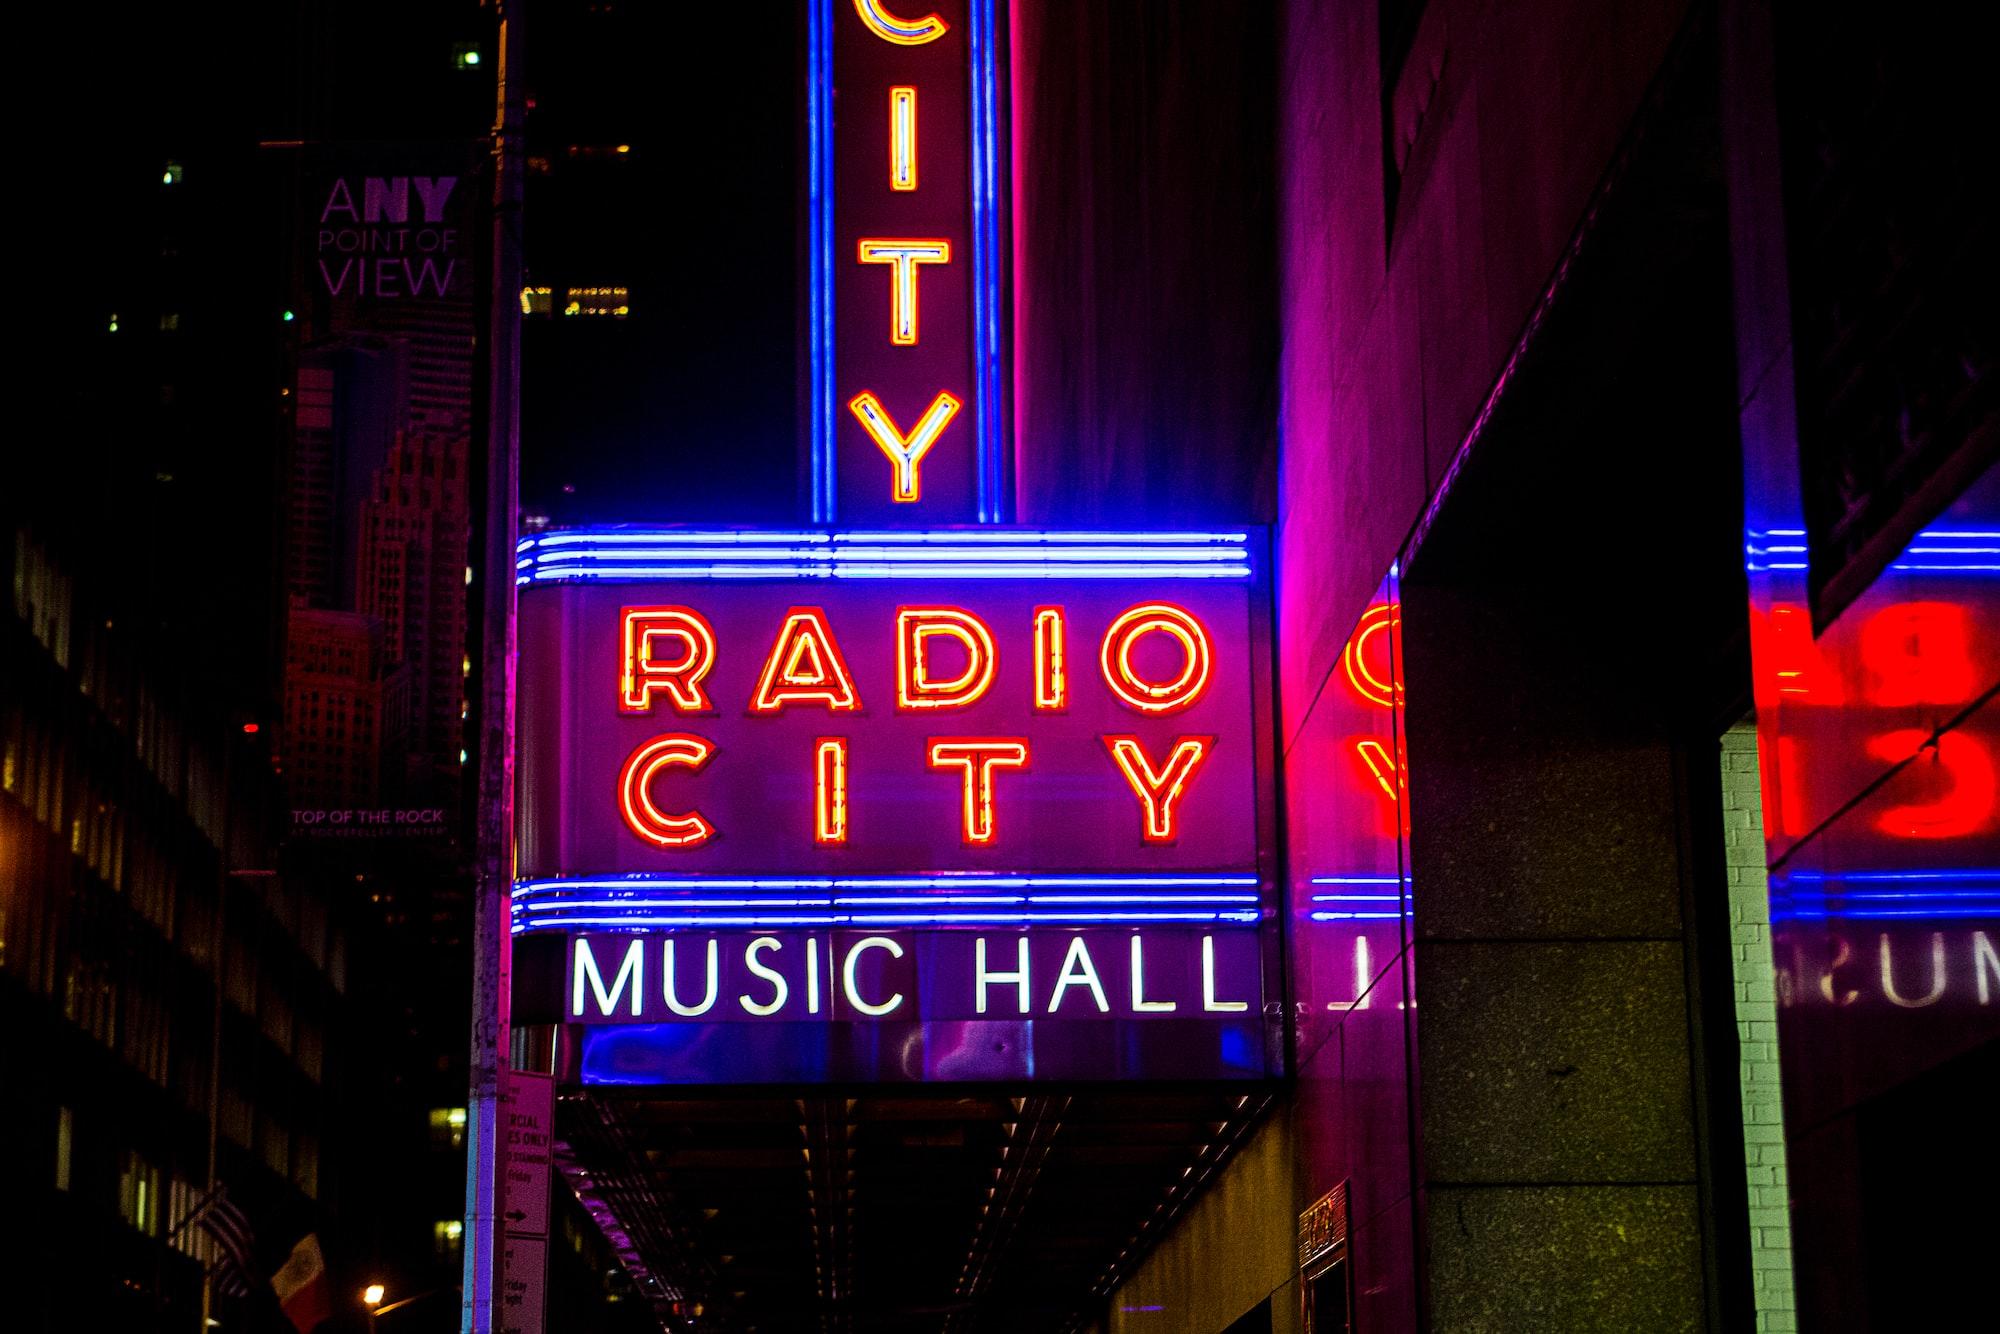 Вход в Radio City Music Hall ночью. Фотографирование вывесок